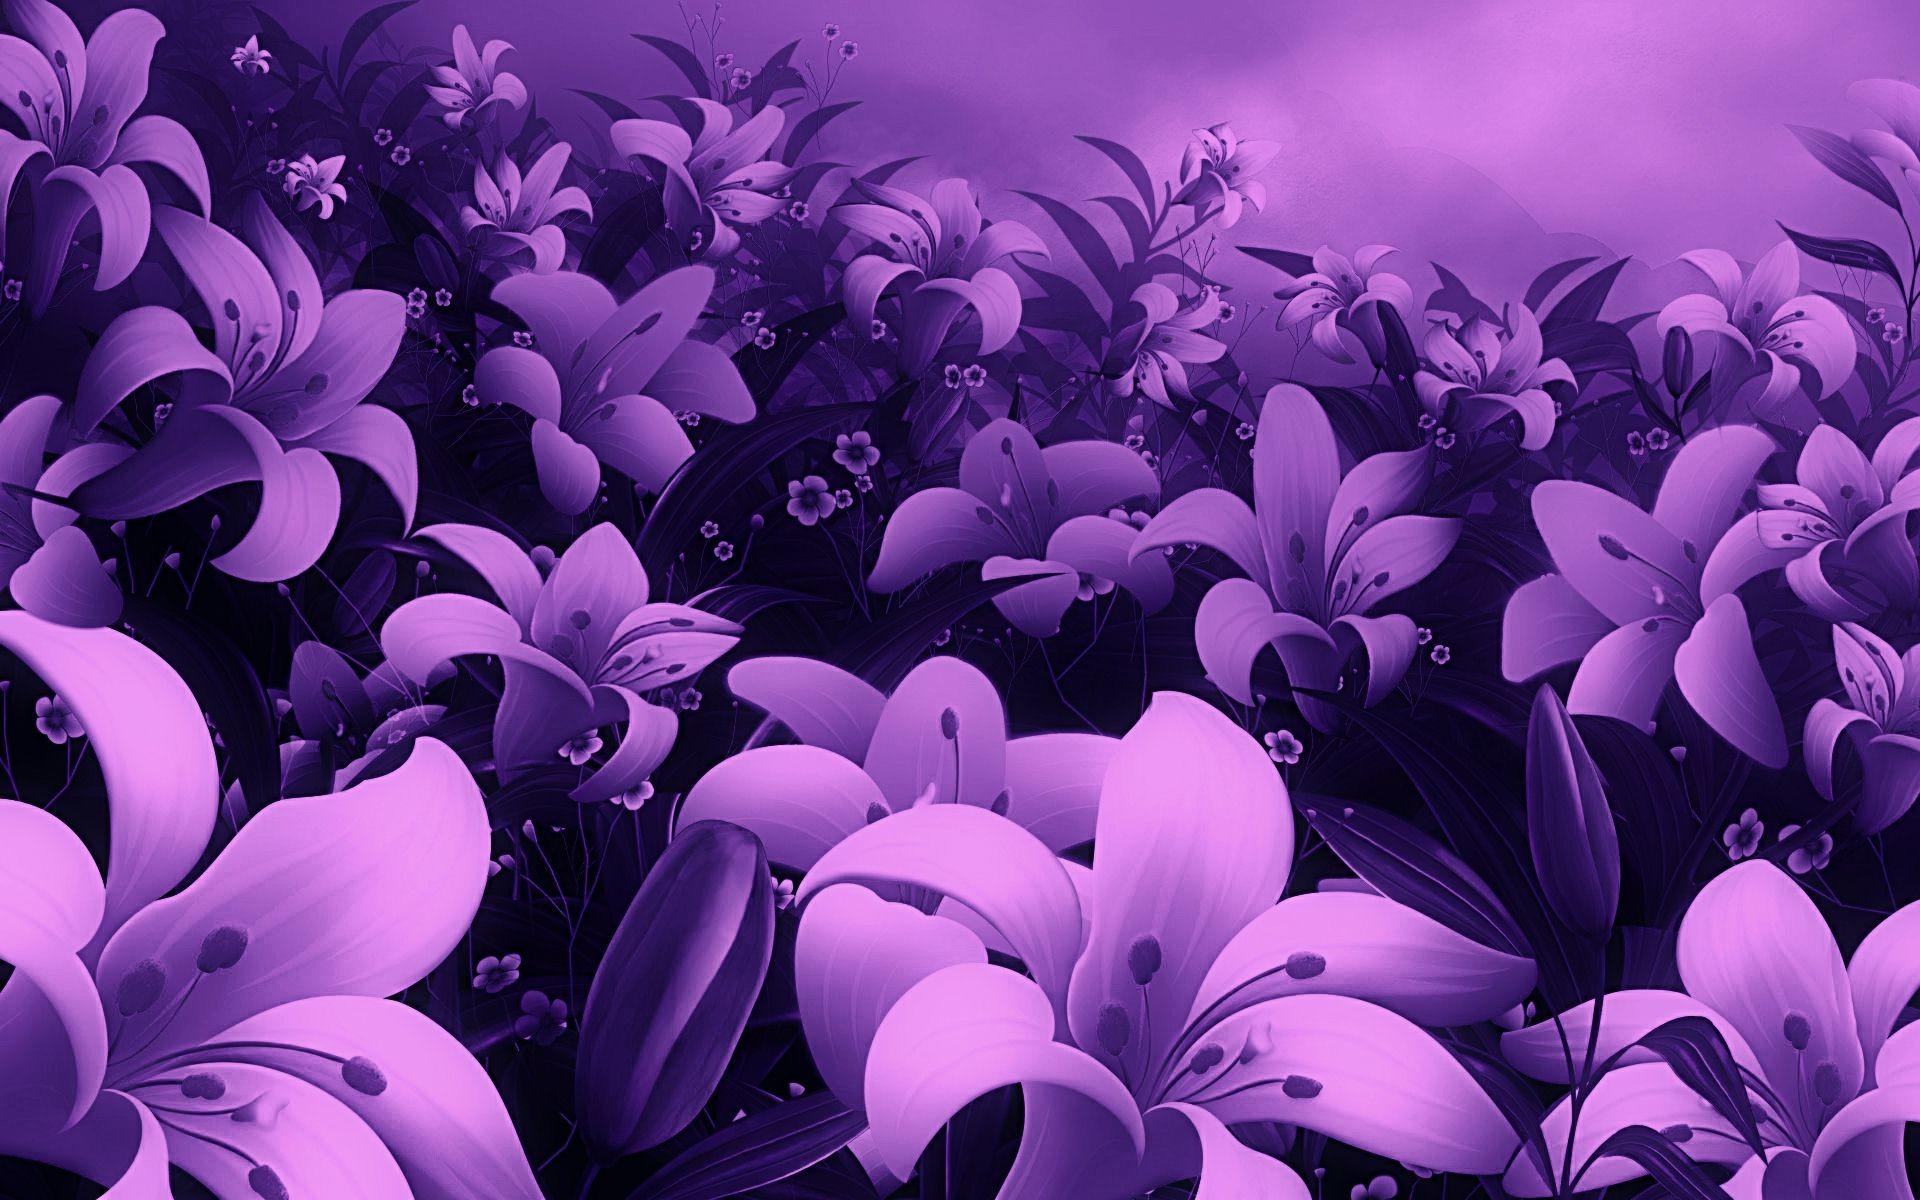 Beautiful Flower Indoor Wallpaper Hd Desktop M Full Screen Flower Wallpaper Hd 664284 Hd Wallpaper Backgrounds Download